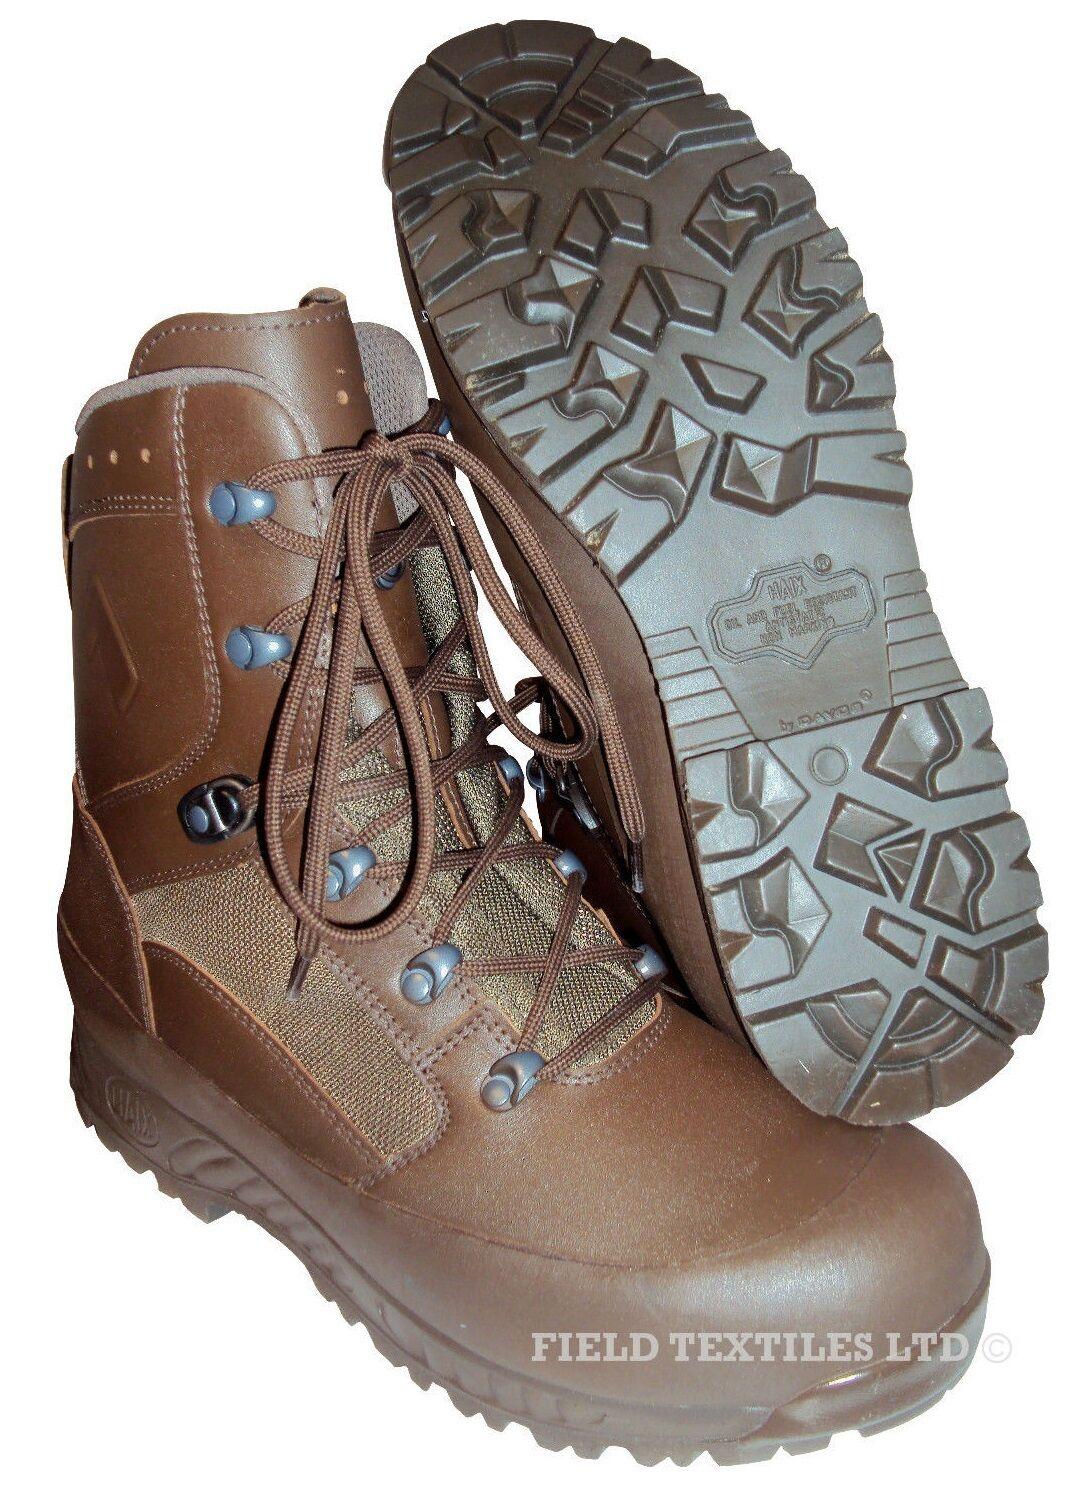 Scarpe casual da uomo  British Army-Haix Combat responsabilità Stivali Marrone-Taglia 5 WIDE-NUOVO